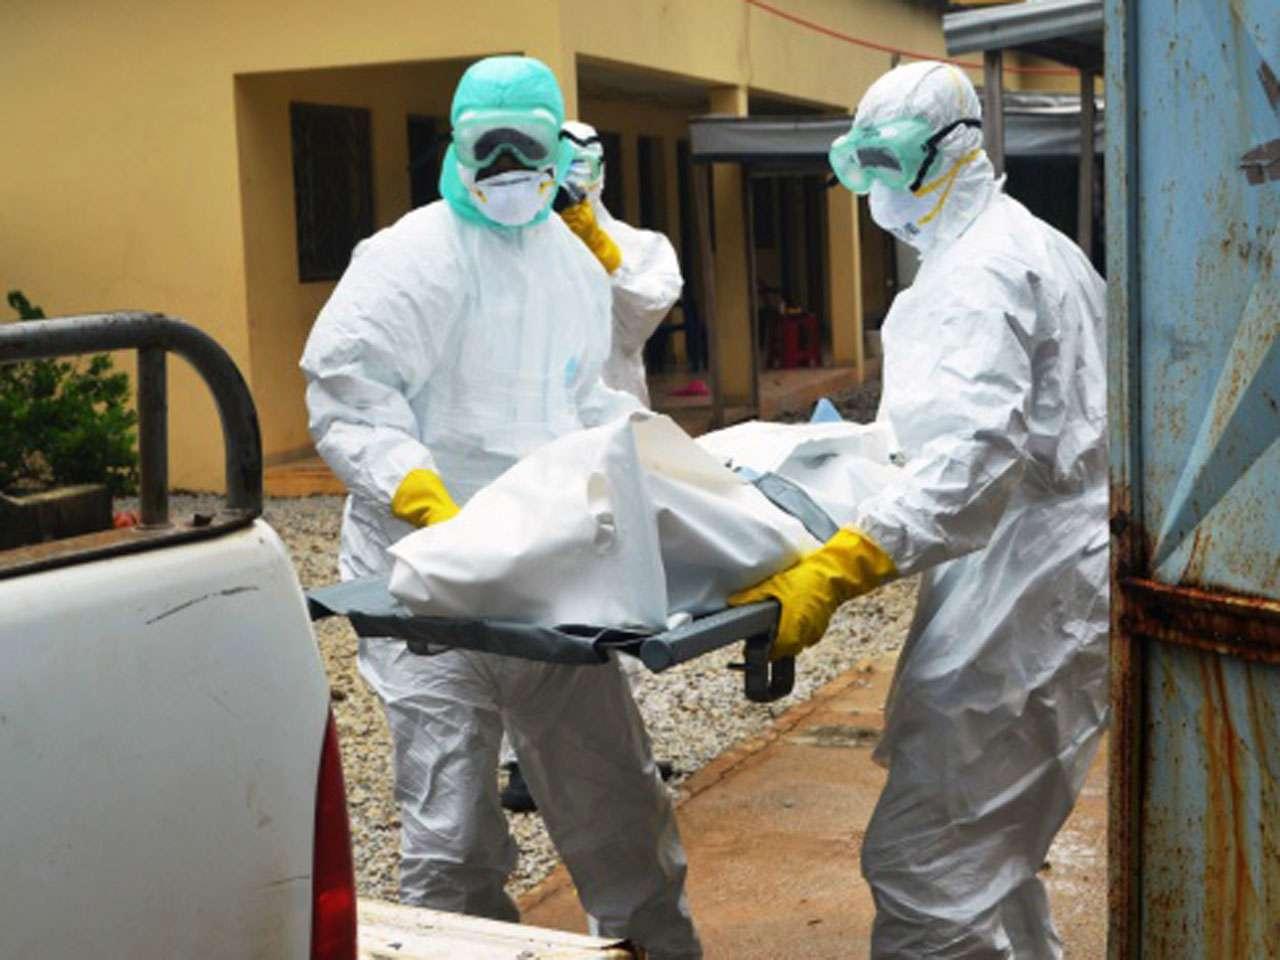 En Guinea, donde comenzó la epidemia en diciembre del año pasado, murieron 904 personas de las 1,540 infectadas. Foto: CELLOU BINANI/Getty Images